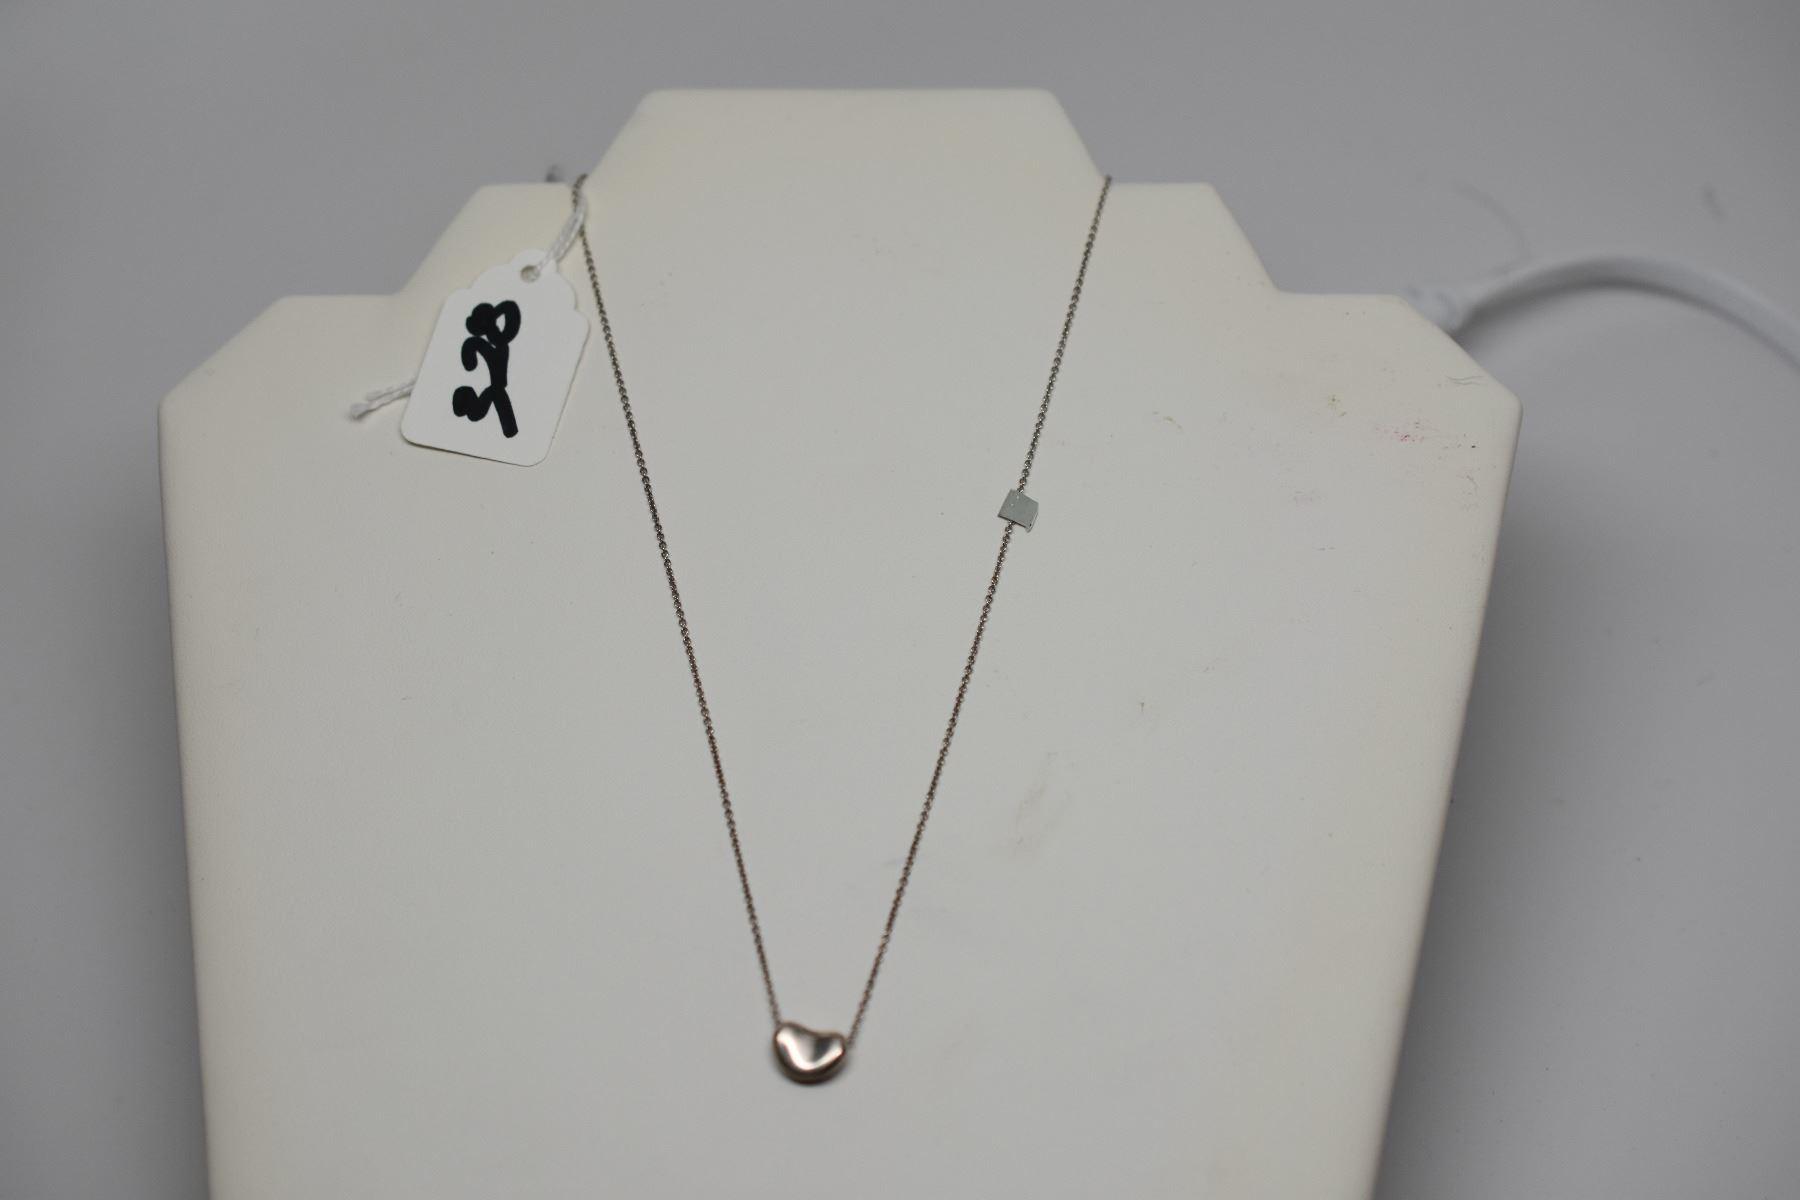 6221e2683453e Tiffany & Co. Sterling Silver 16